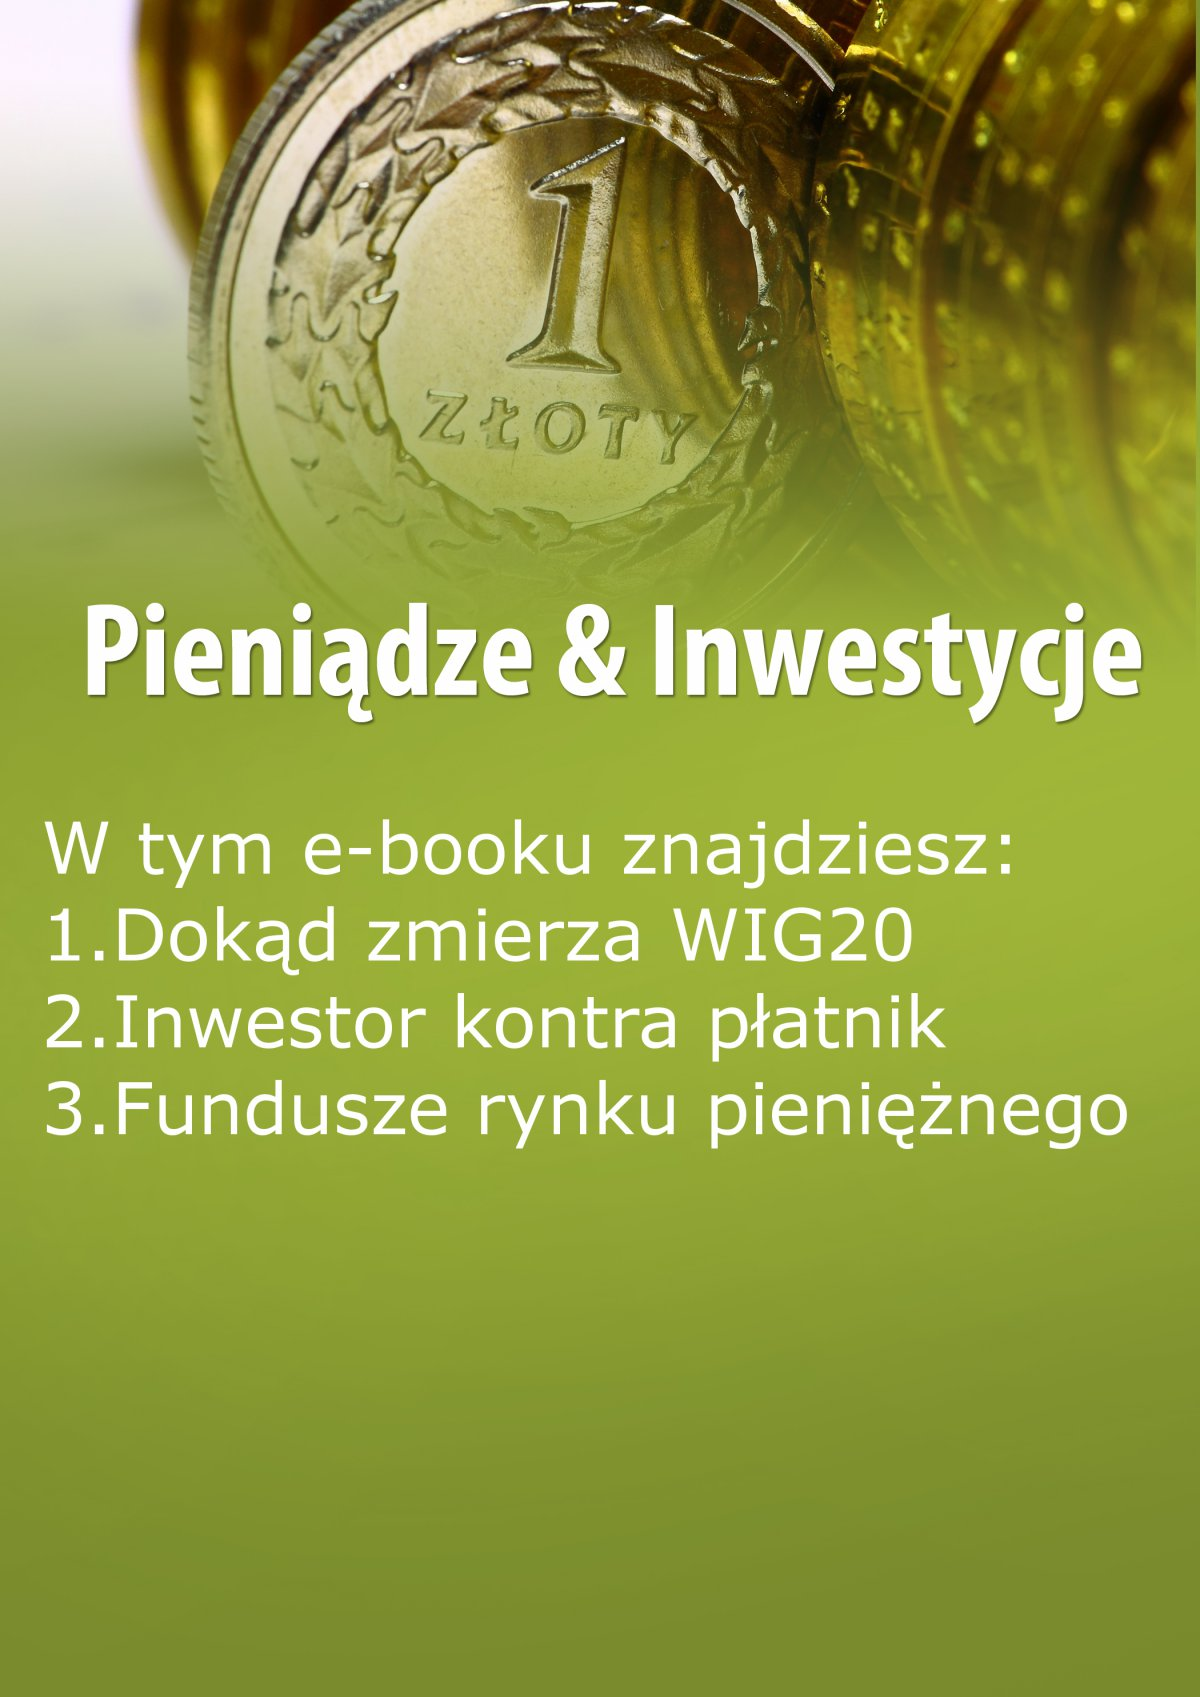 Pieniądze & Inwestycje, wydanie październik 2015 r. - Ebook (Książka EPUB) do pobrania w formacie EPUB